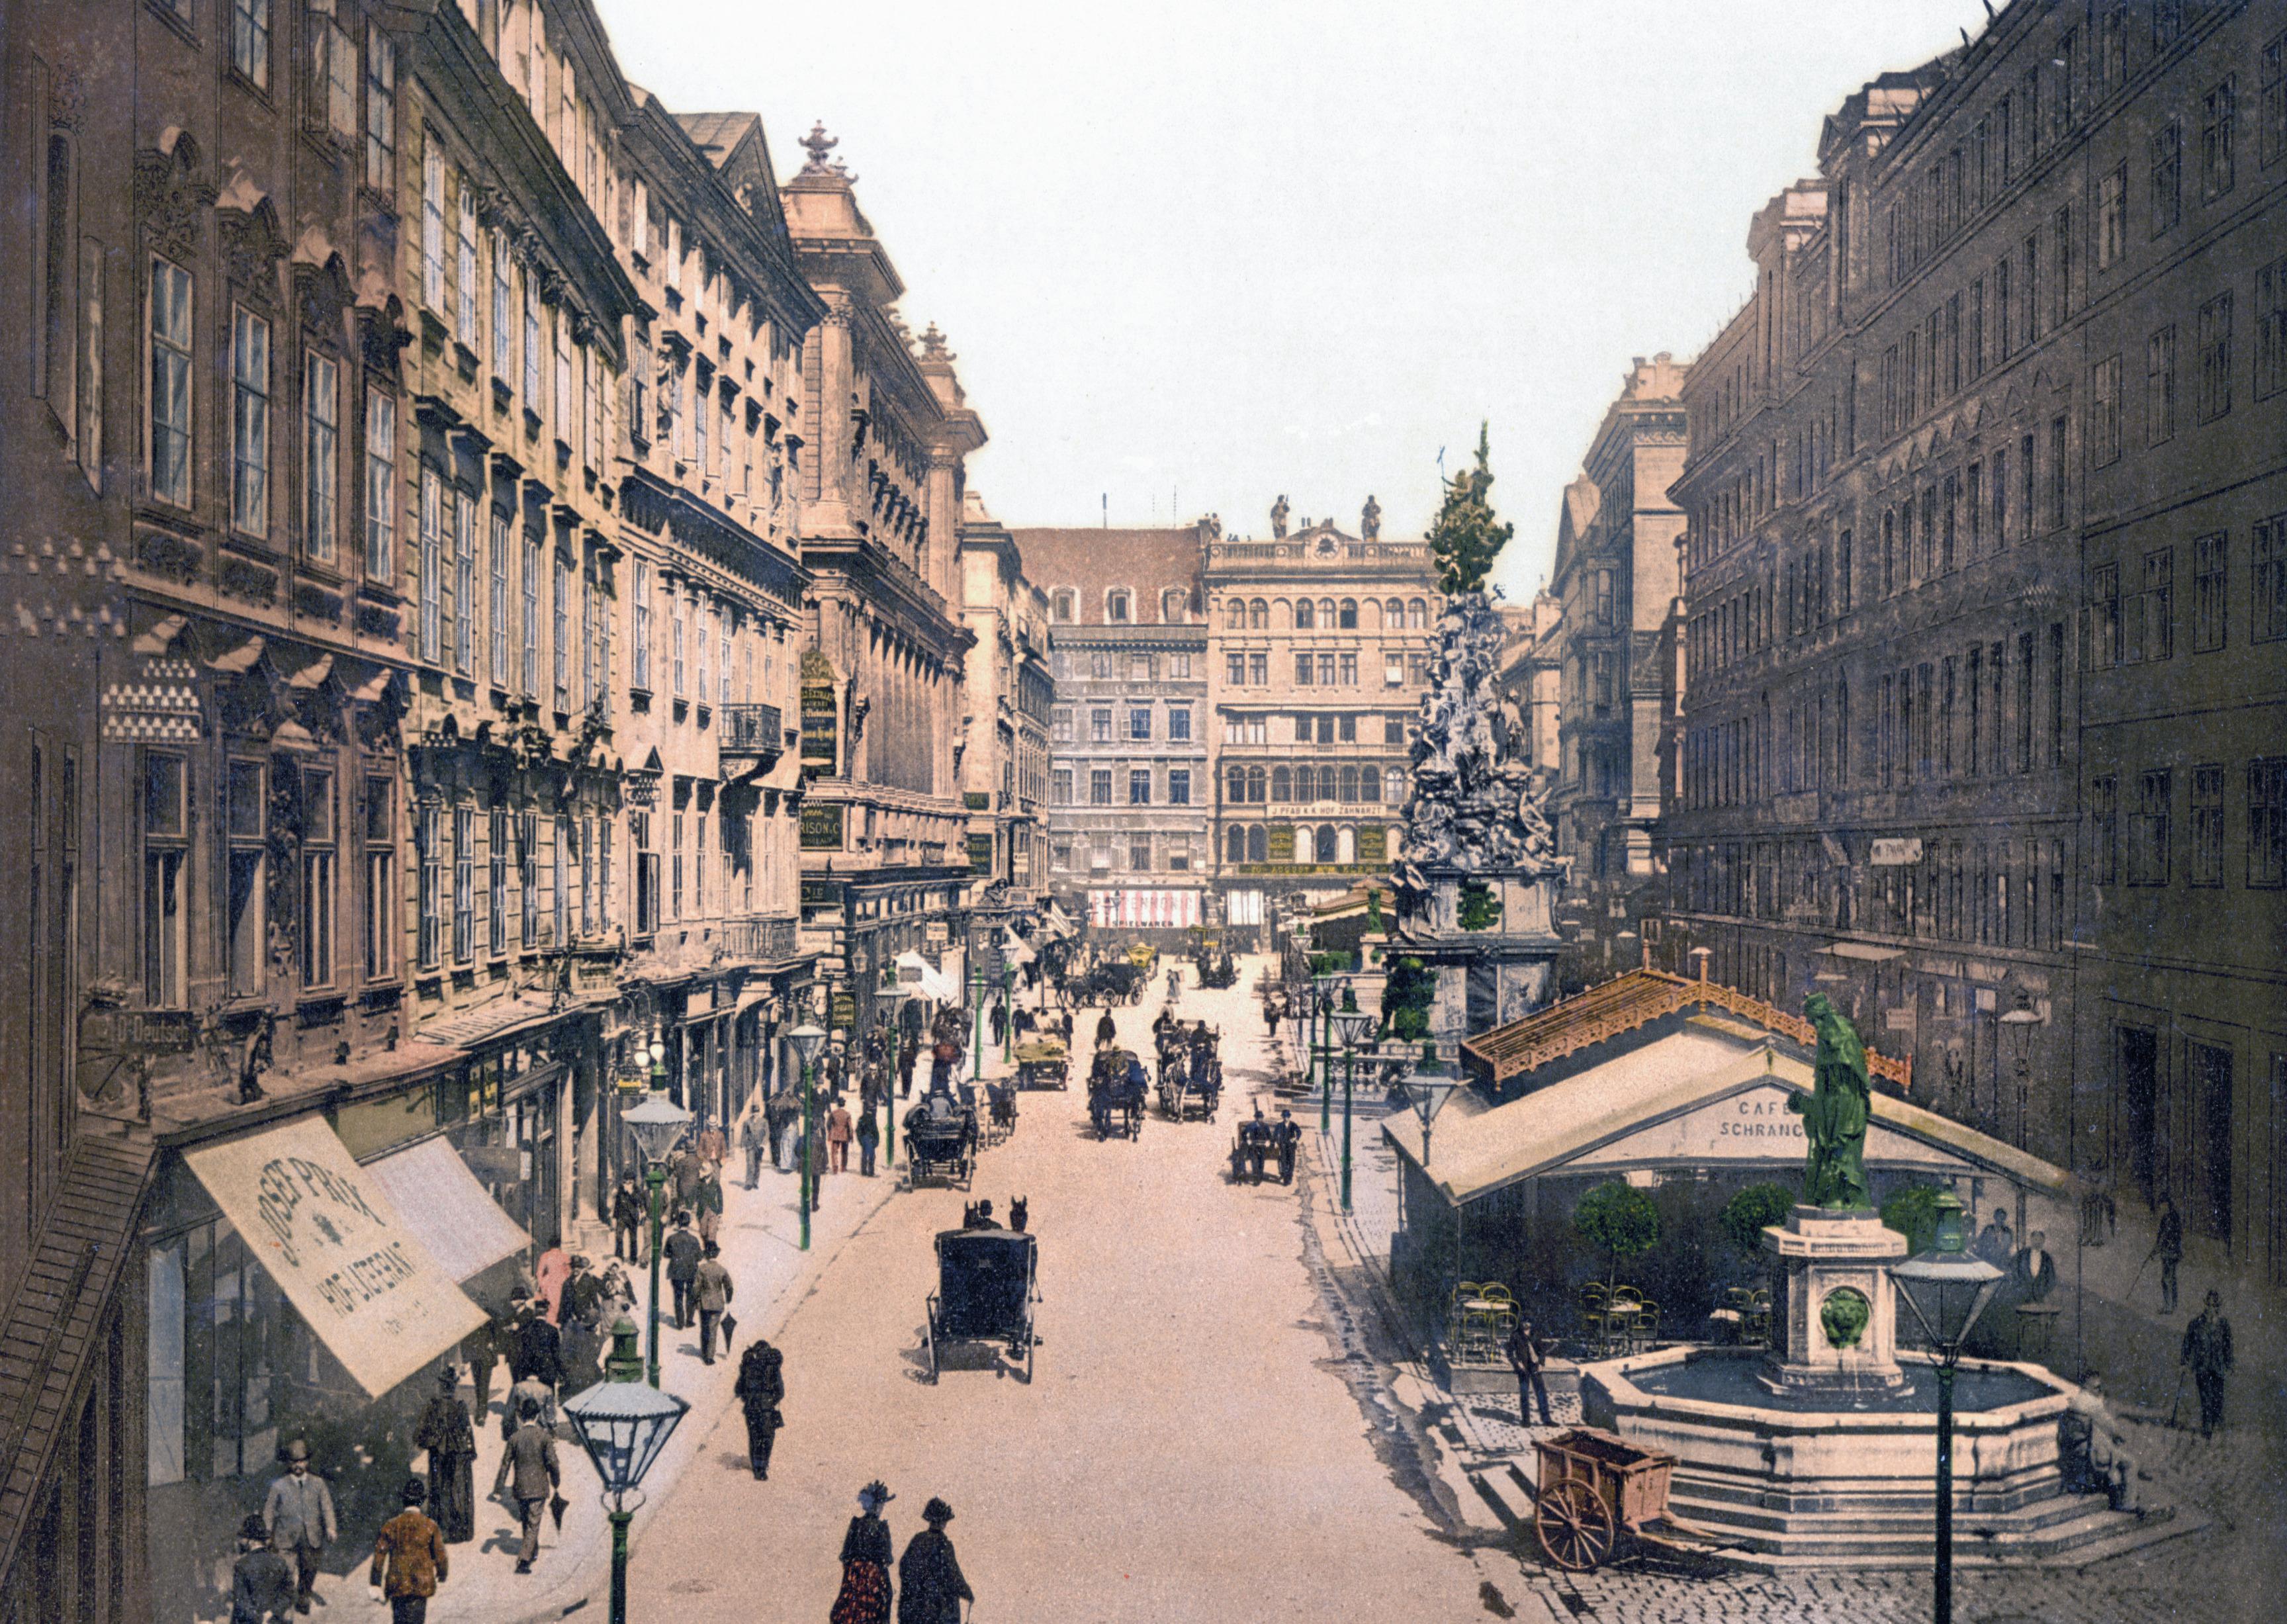 Улица Балгасе – старата Виена - 1